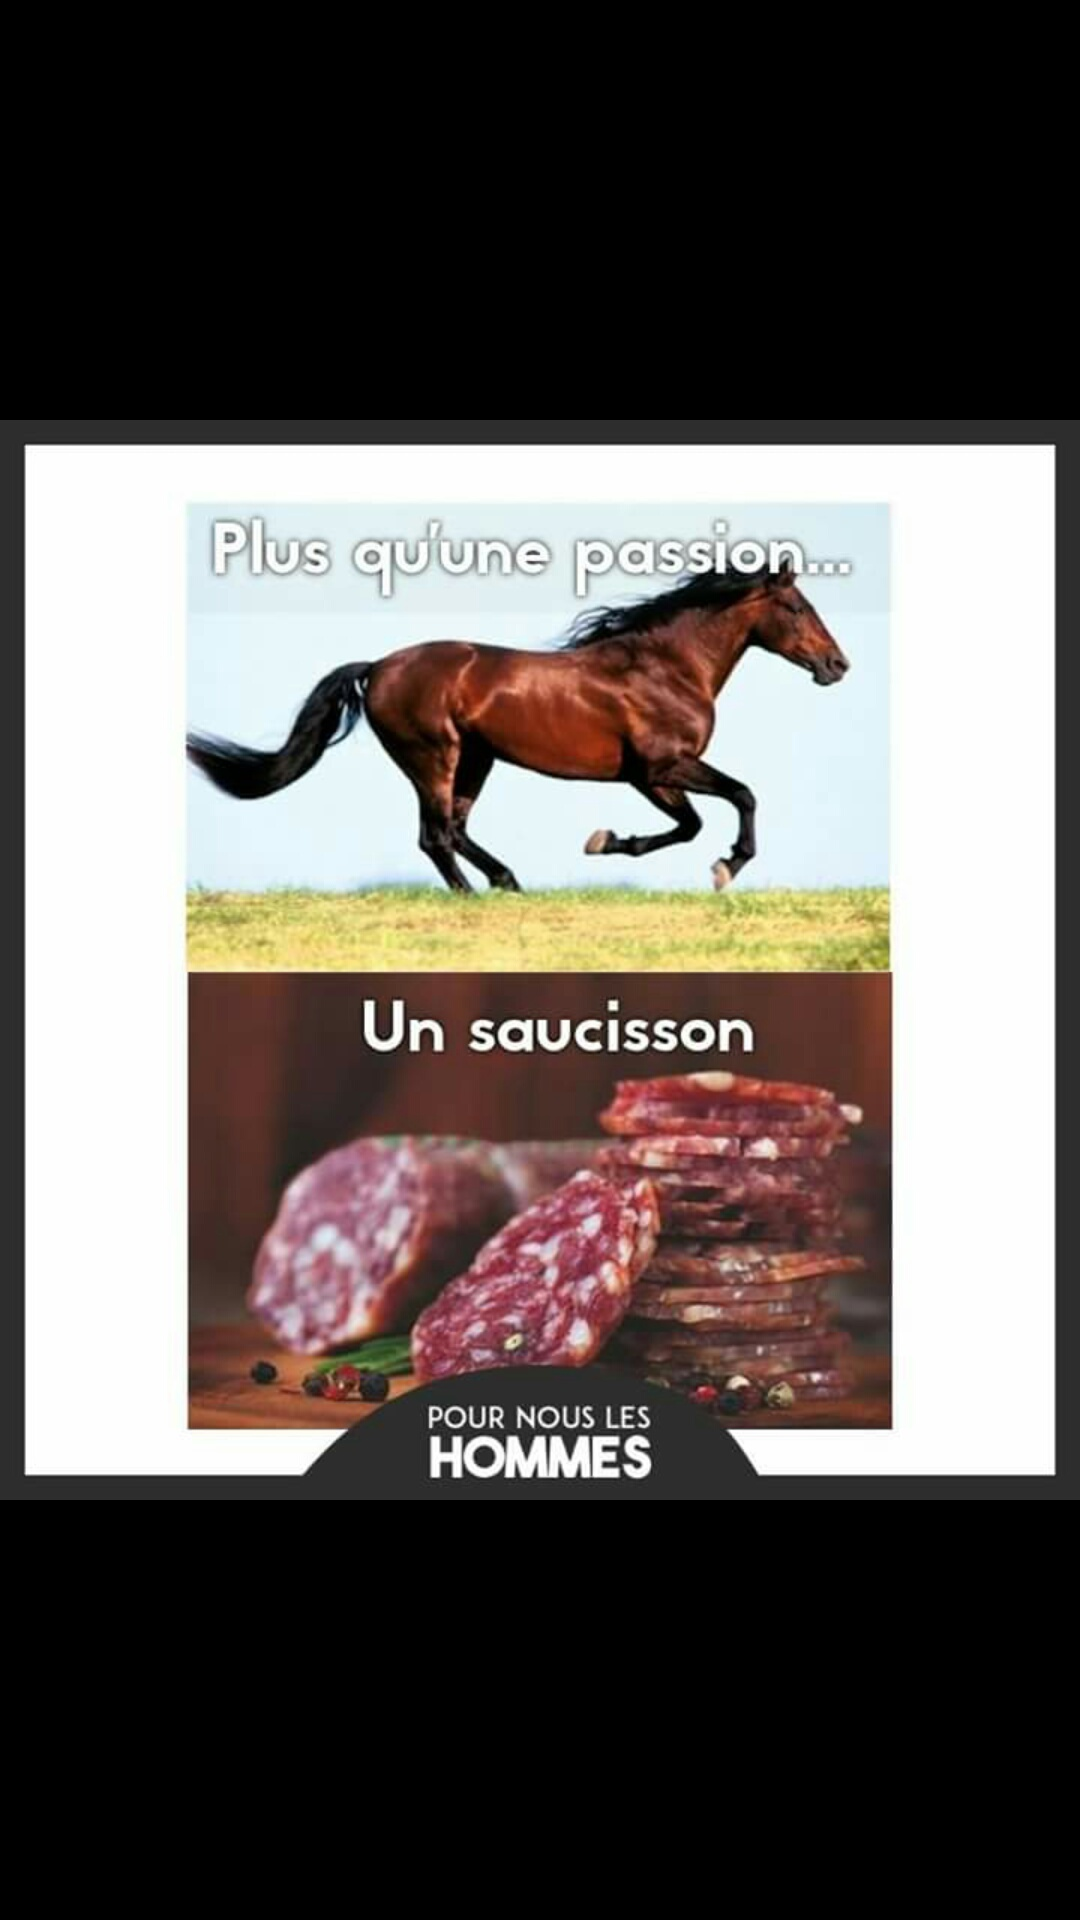 Saucisson de cheval - meme